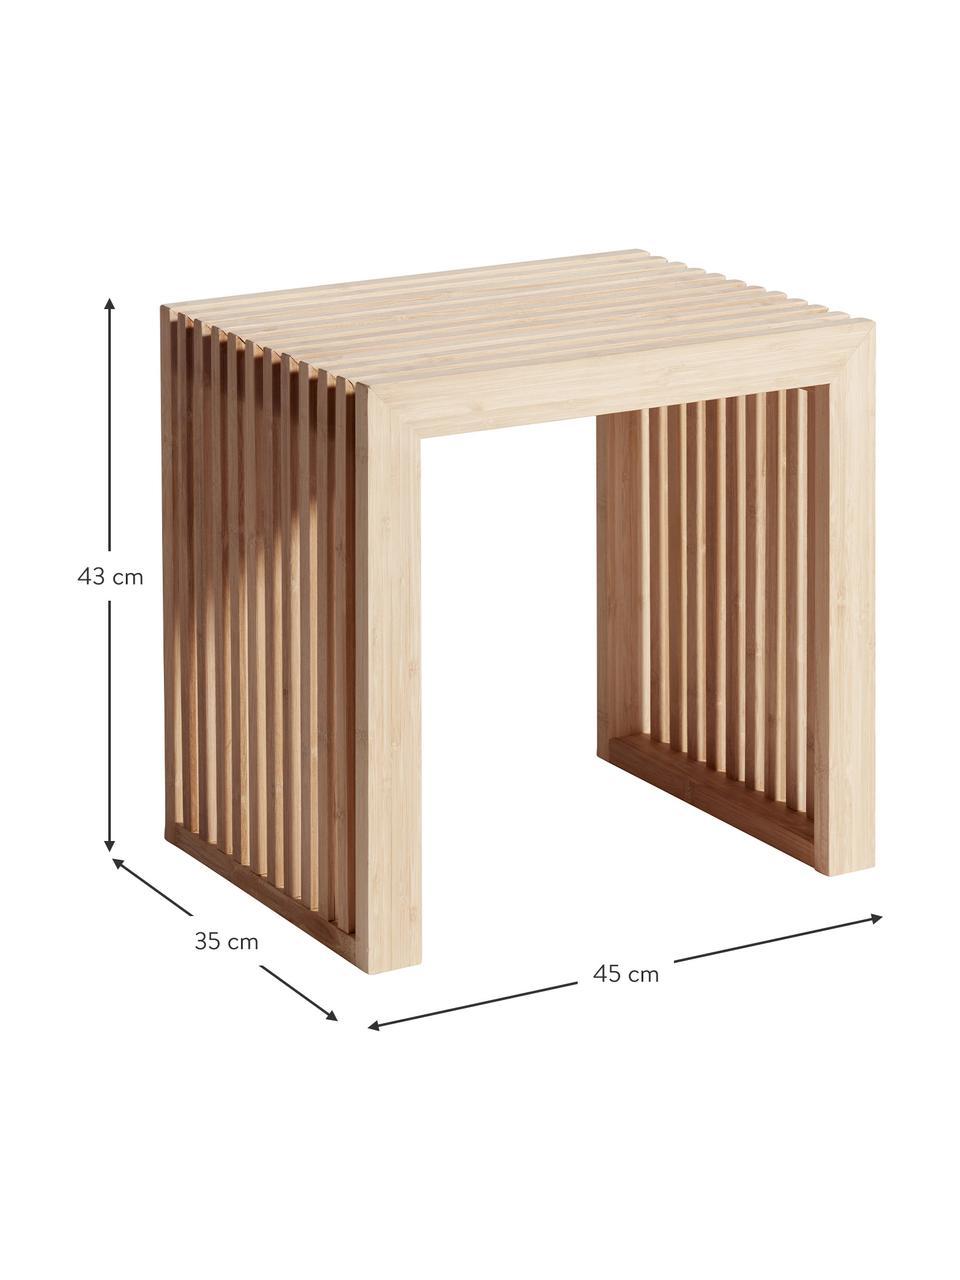 Moderne kruk Rib van bamboehout, Gepolijst en geolied bamboehout, Bruin, 45 x 43 cm